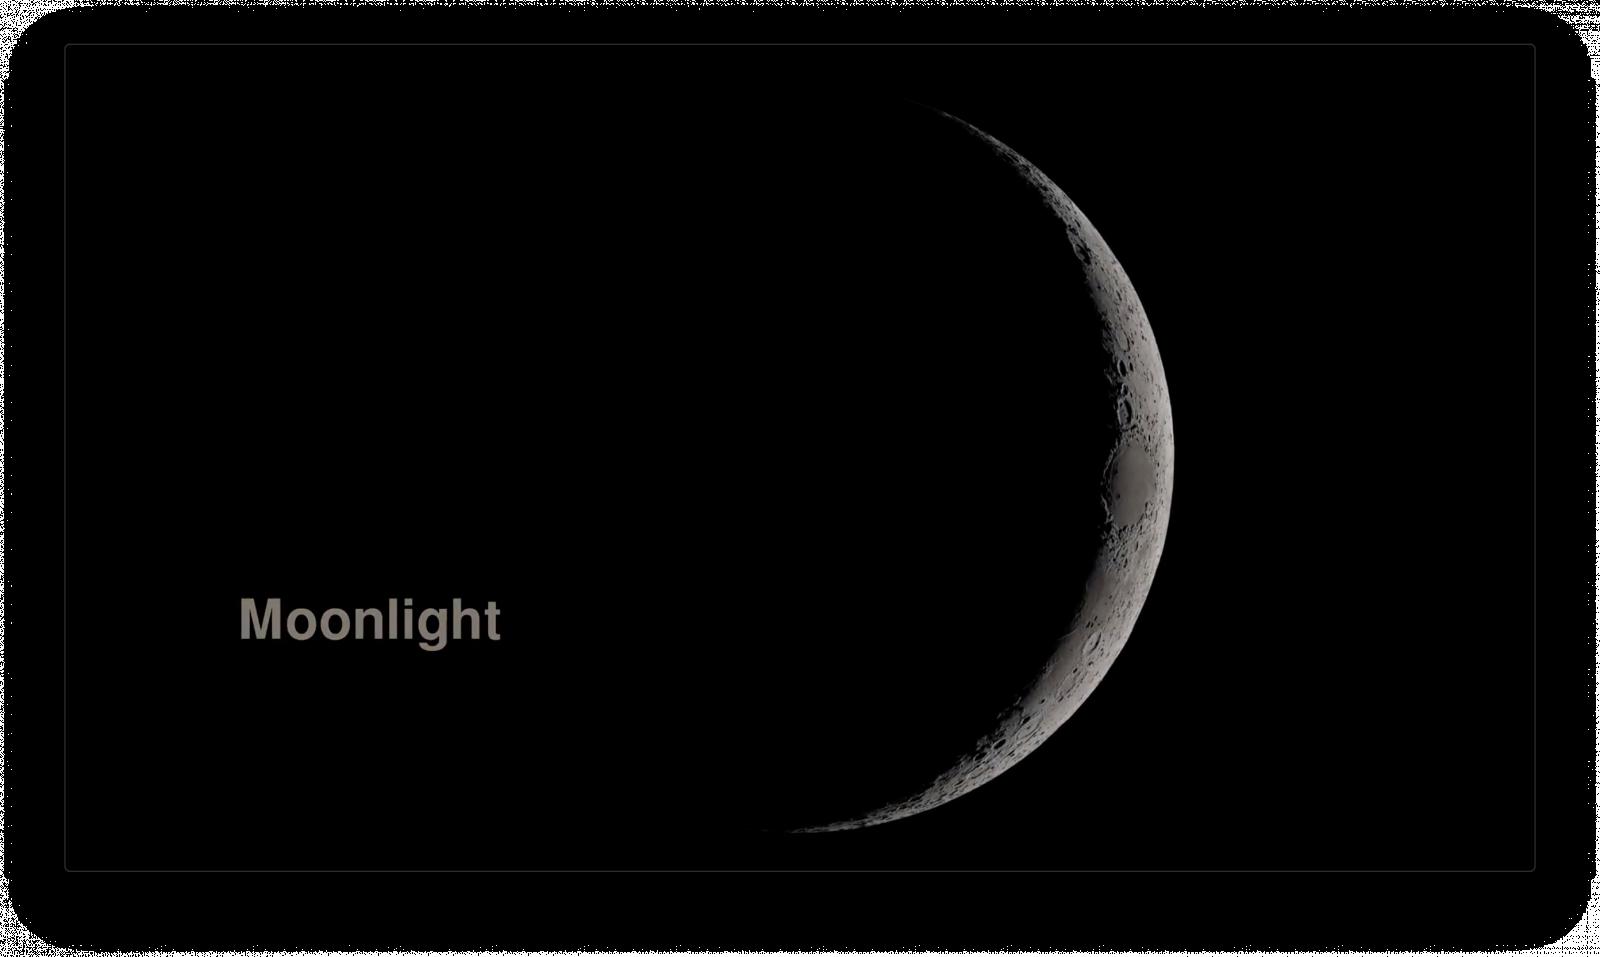 Bildschirmfoto 2020-06-09 um 19.57.54.png